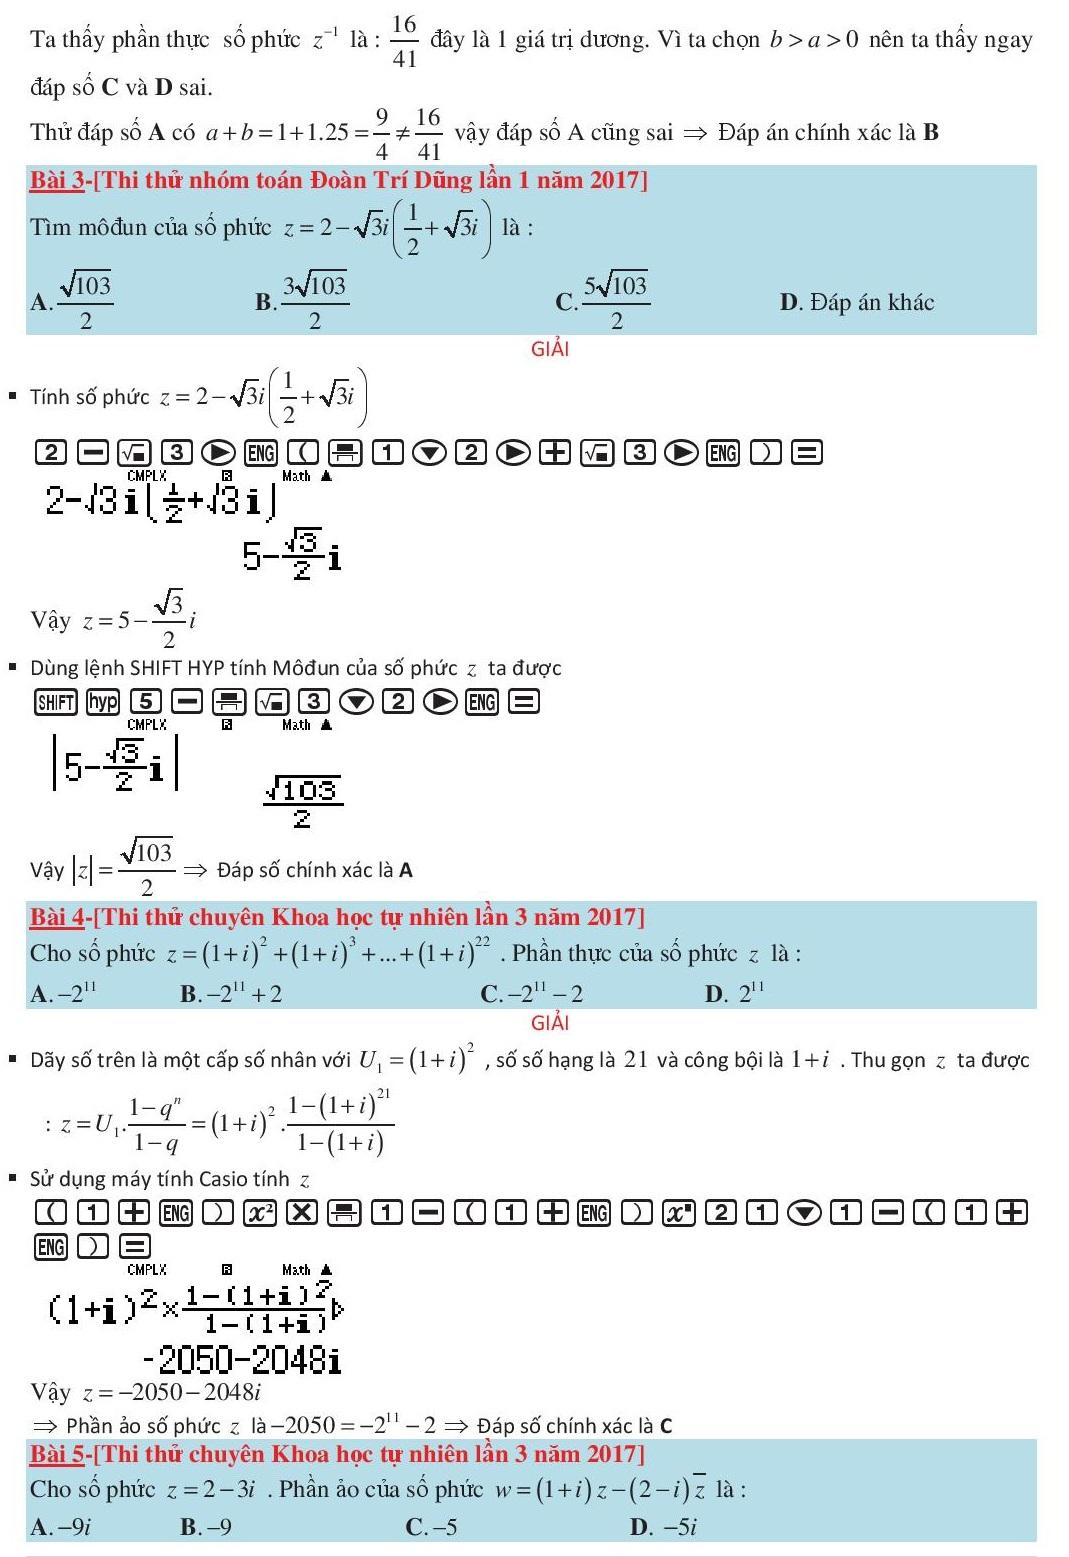 Giải bài toán Số phức cơ bản bằng máy tính cầm tay (7).jpg